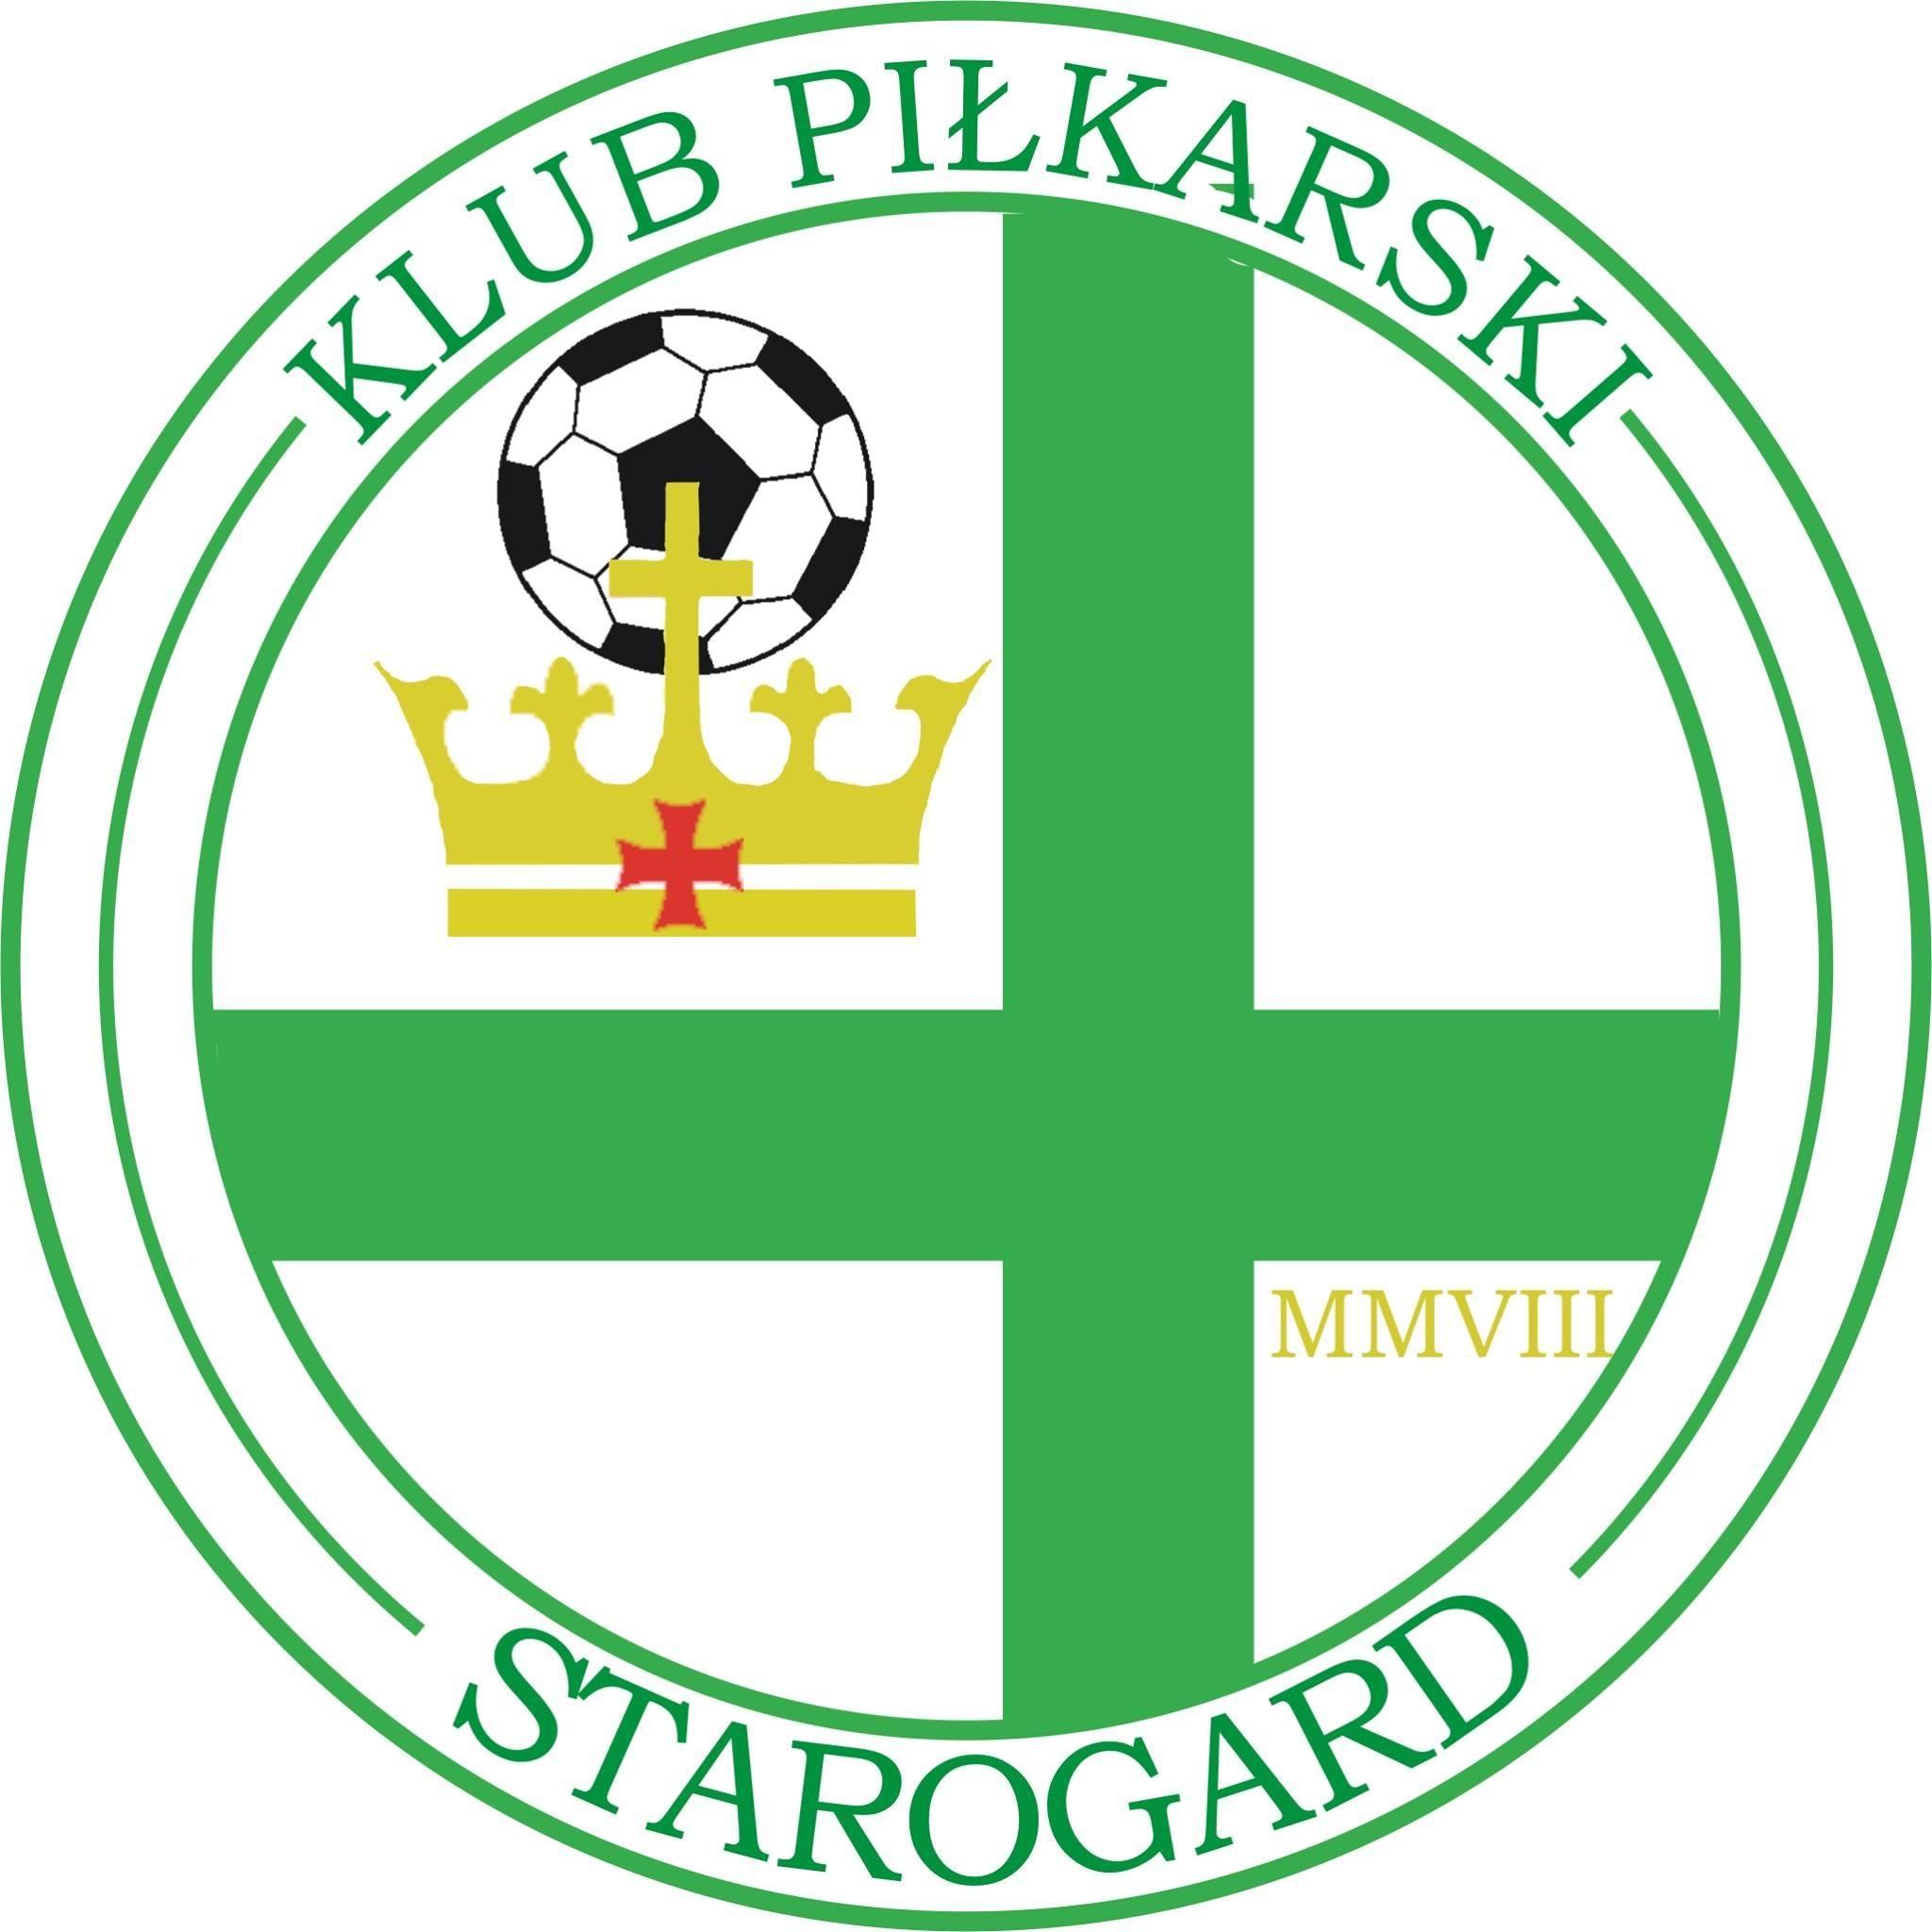 mecz: KP Starogard - Mieszko Gniezno